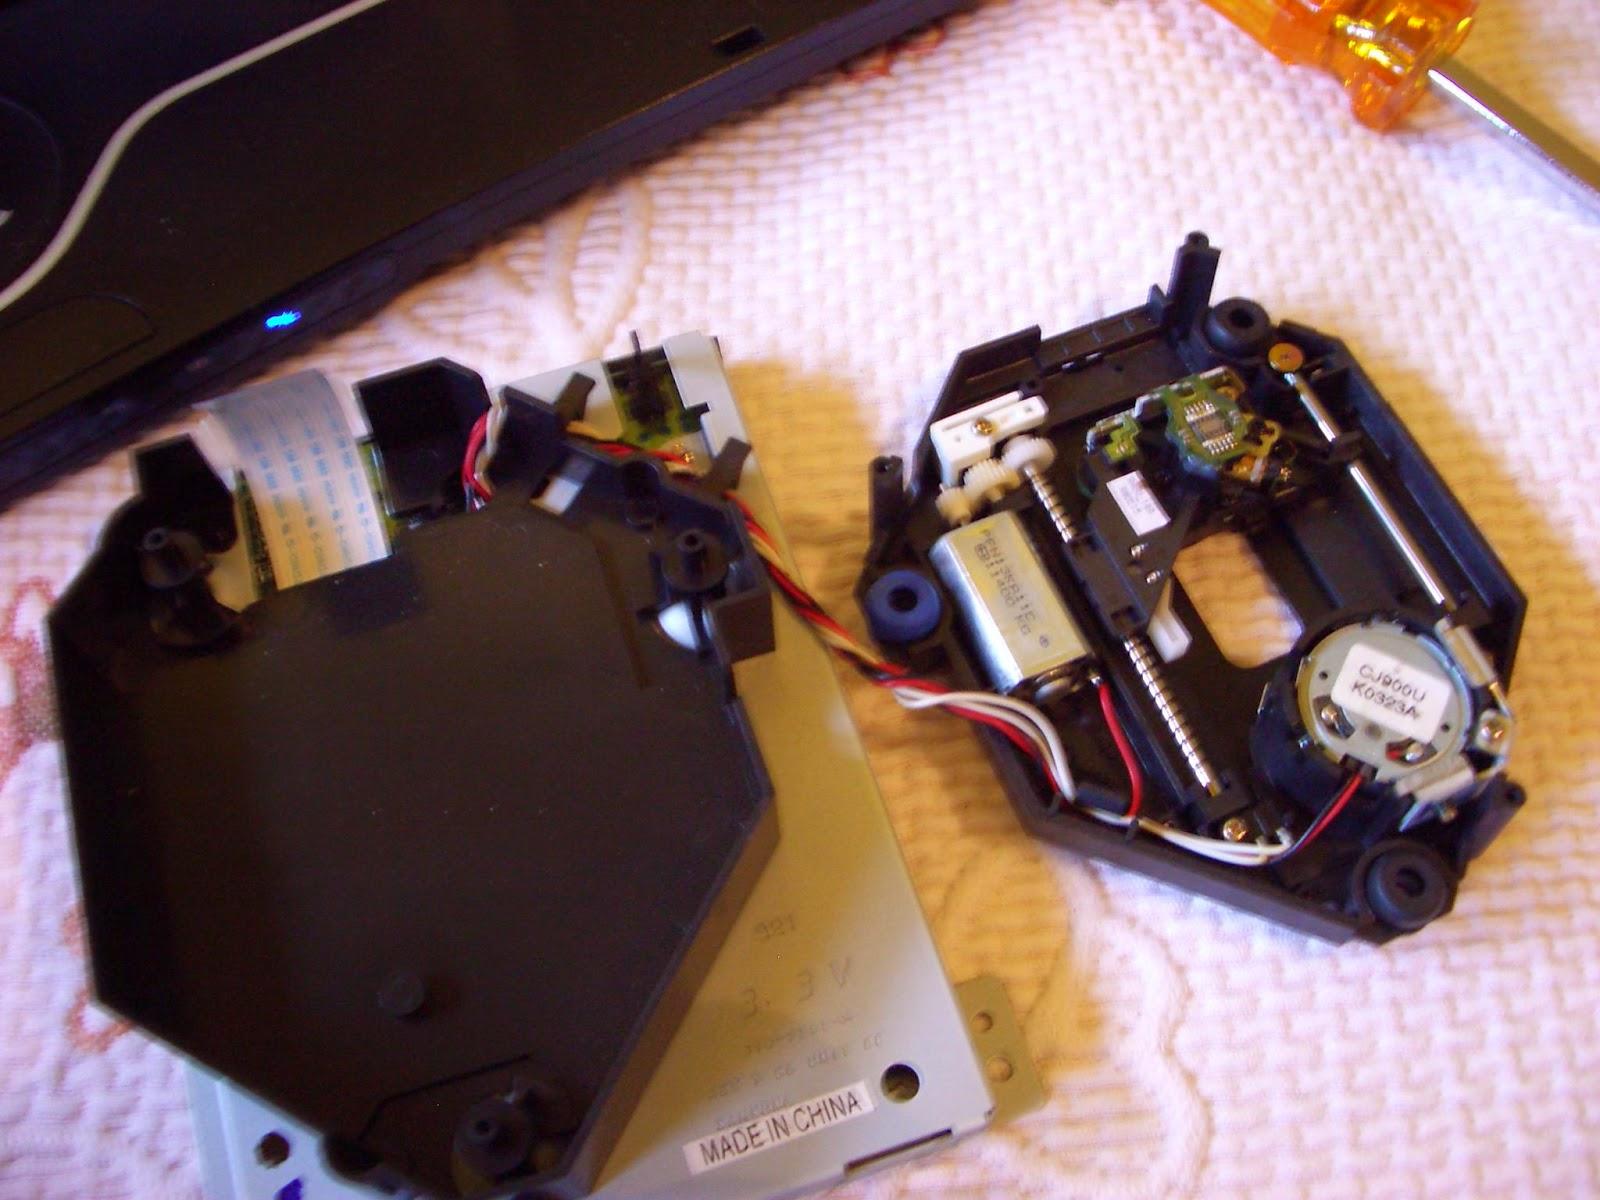 Interior de la unidad GD-ROM